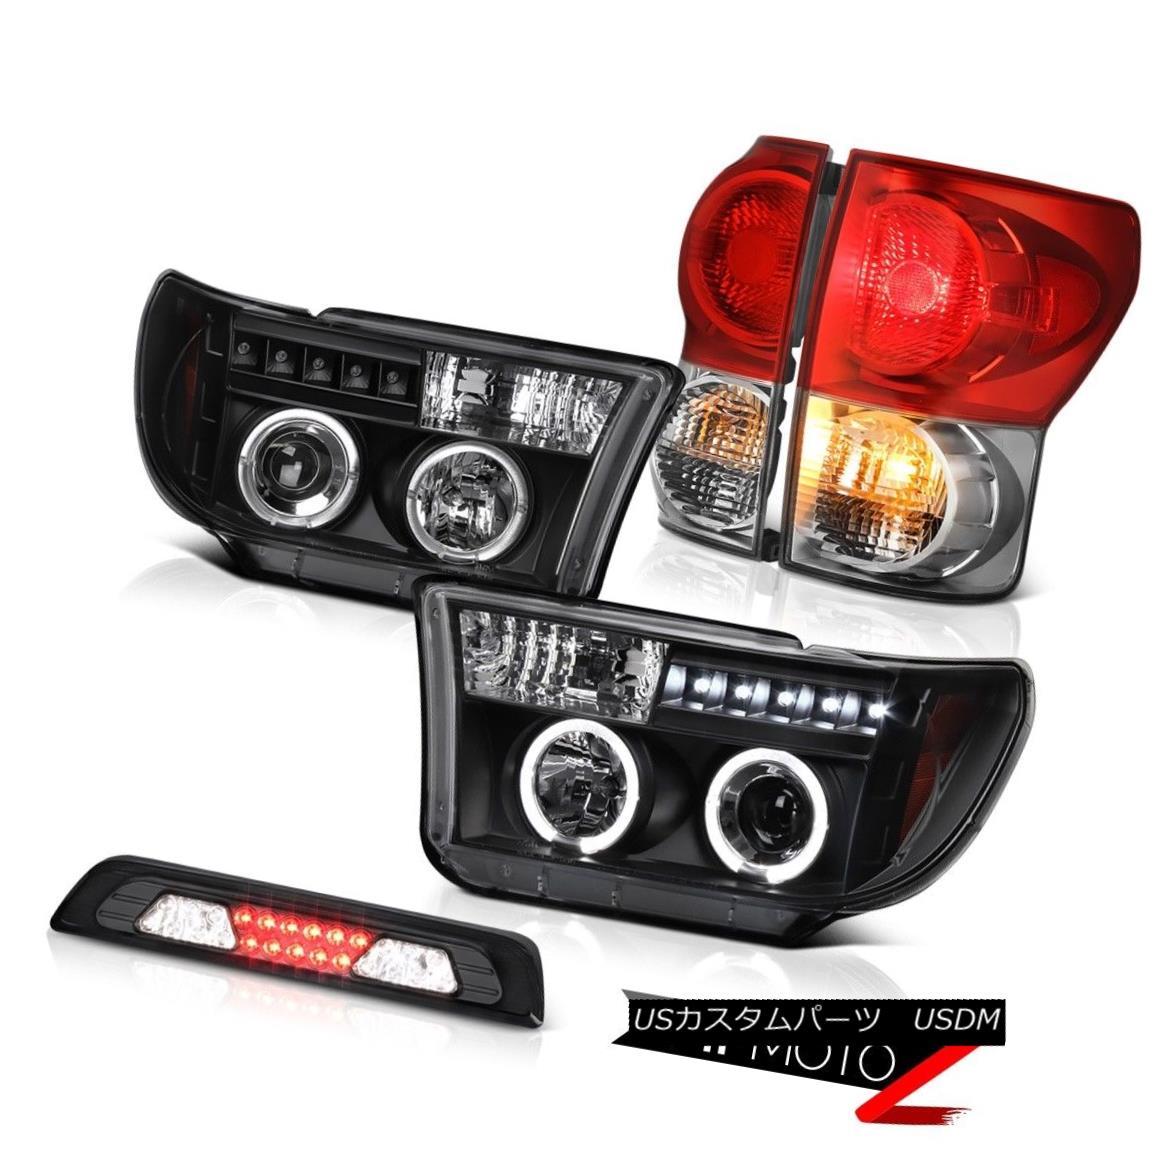 テールライト 07-13 Toyota Tundra Platinum Roof Cab Light Taillights Raven Black Headlights 07-13トヨタ・トンドラ・プラチナルーフキャブ・ライト・テールライトレーブ・ブラック・ヘッドライト